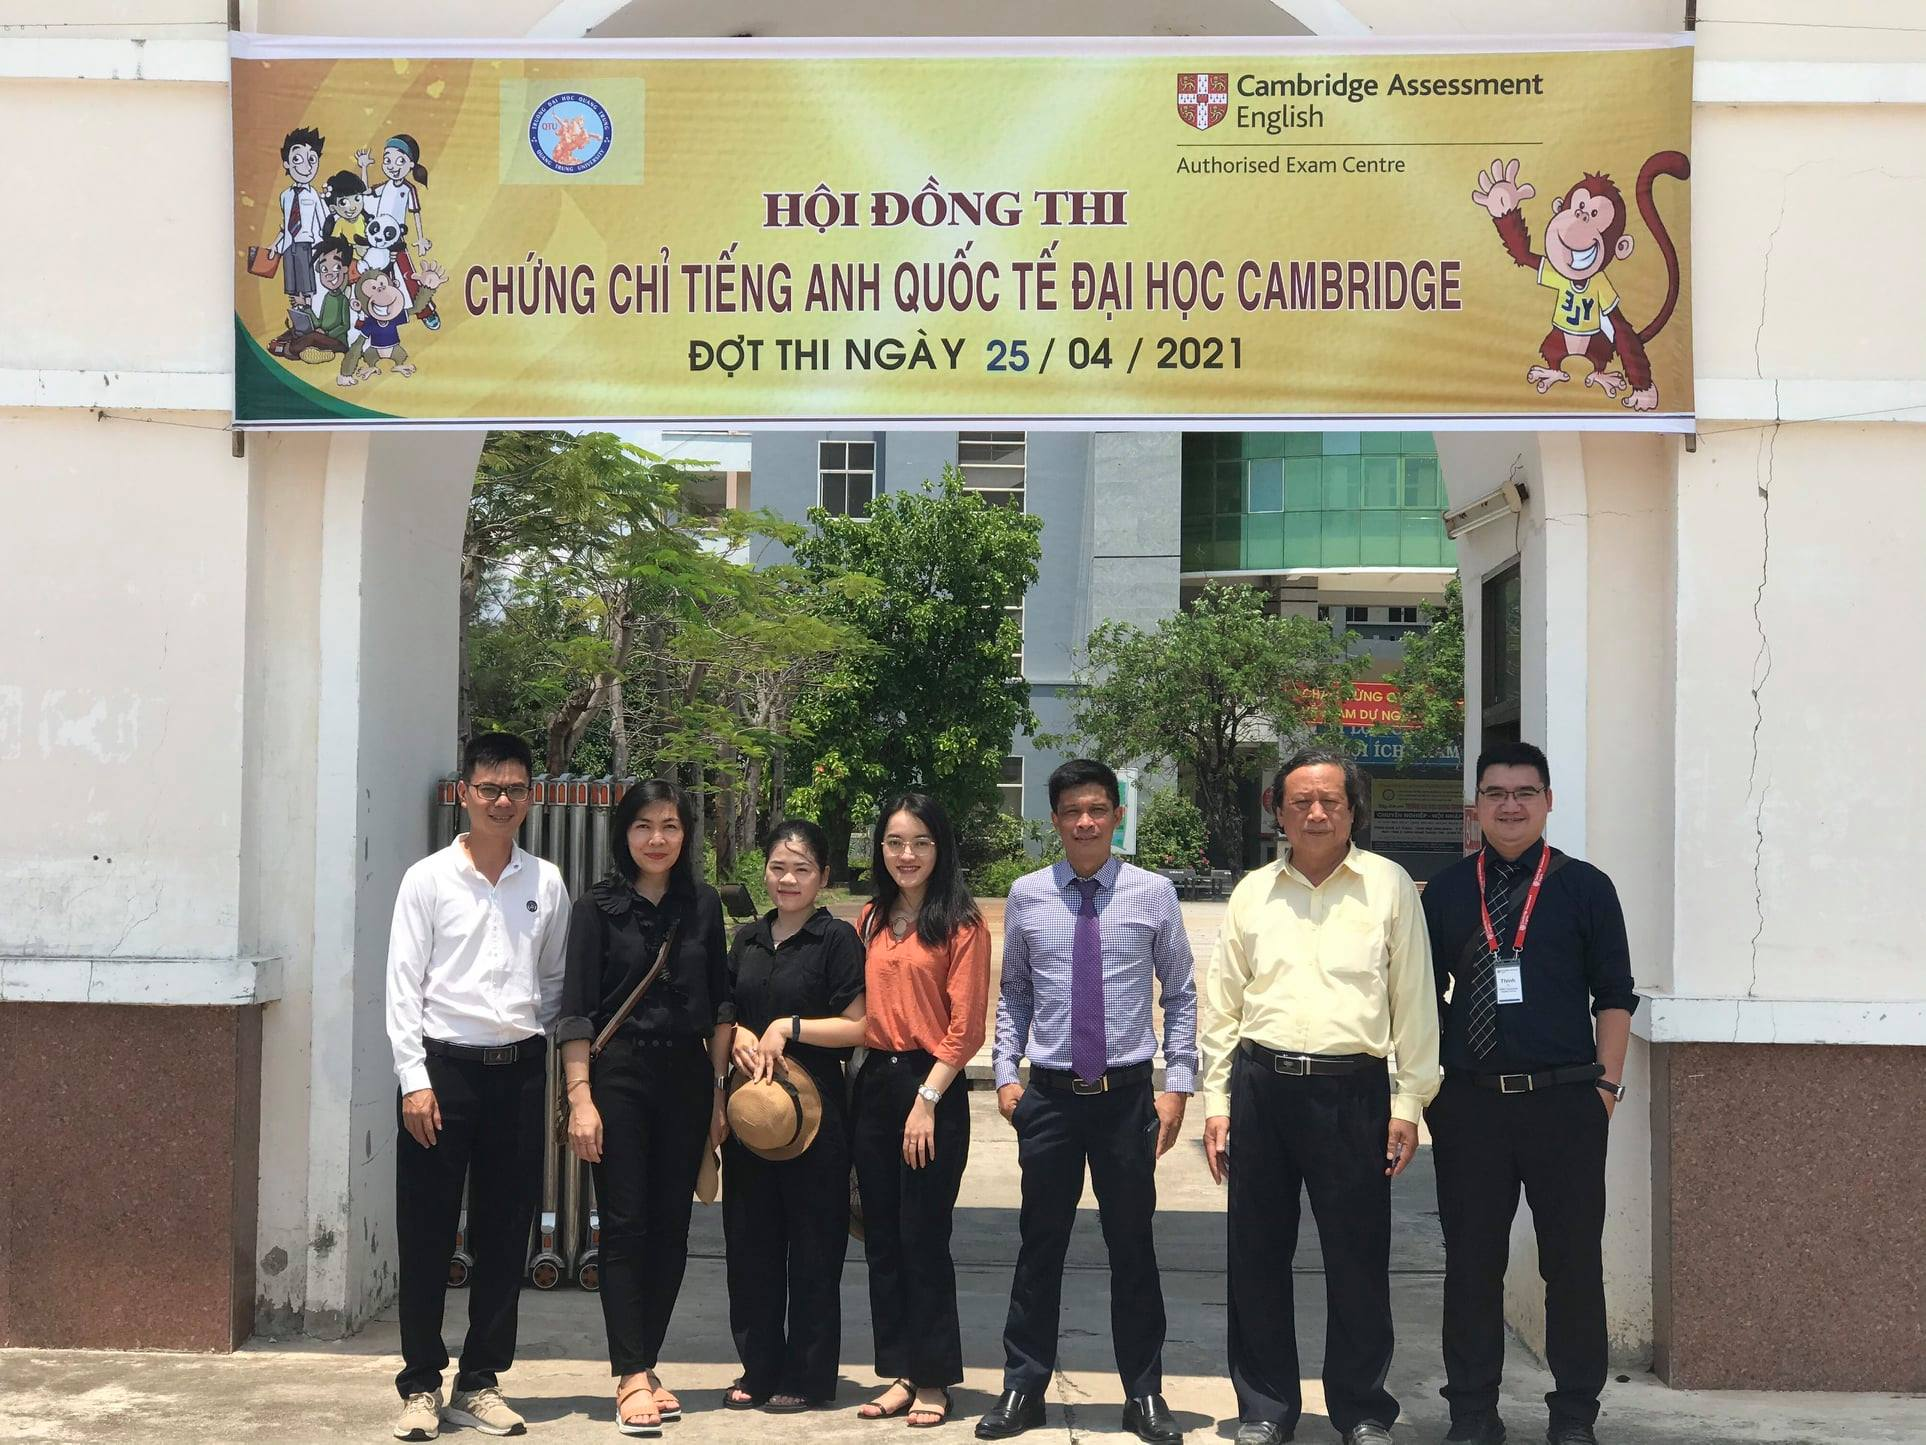 Hỗ trợ cộng đồng: Giúp học sinh các cấp của Bình Định và các tỉnh lân cận được đánh giá kỹ năng học tiếng Anh theo chuẩn Quốc tế